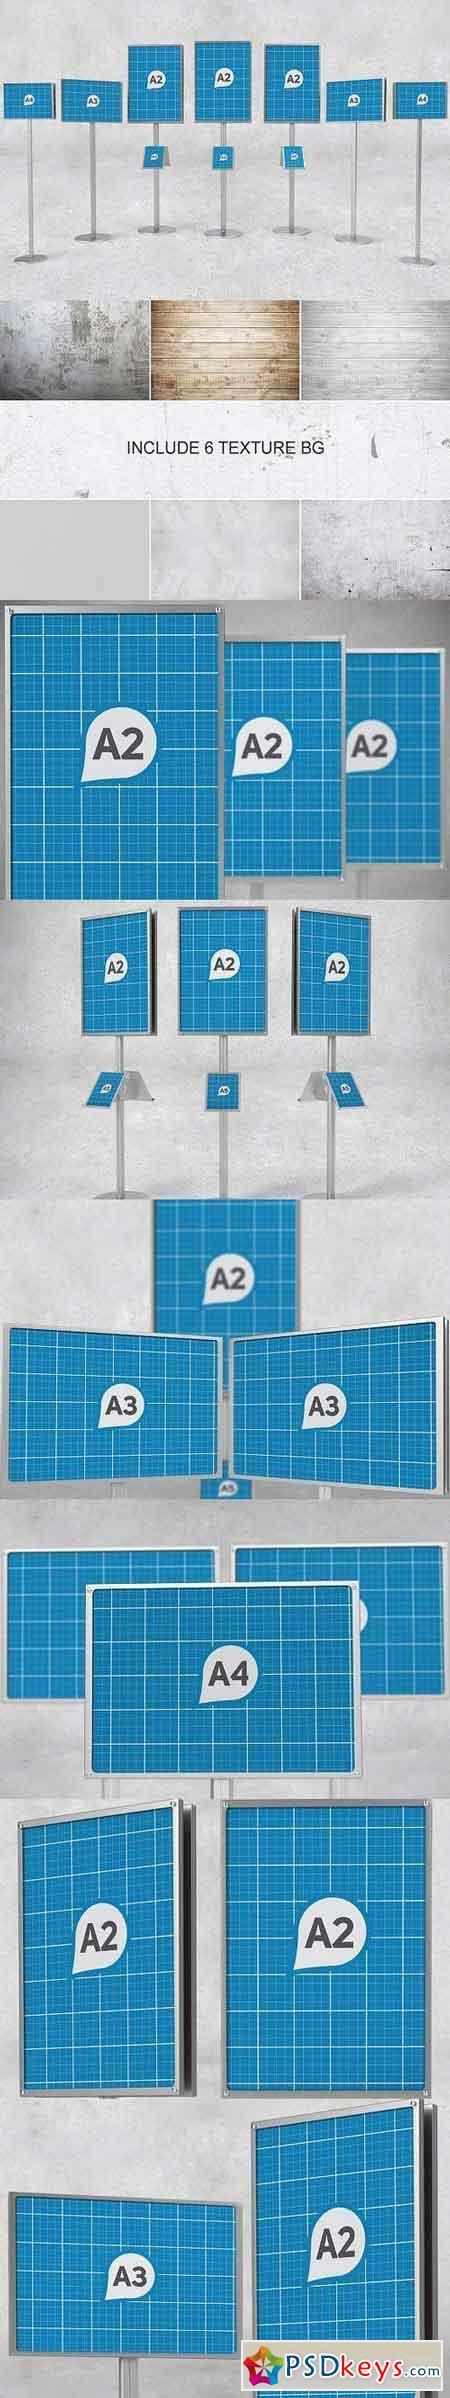 6 poster design photo mockups 57079 - Sign Holder Poster Stands Mockups 1206420